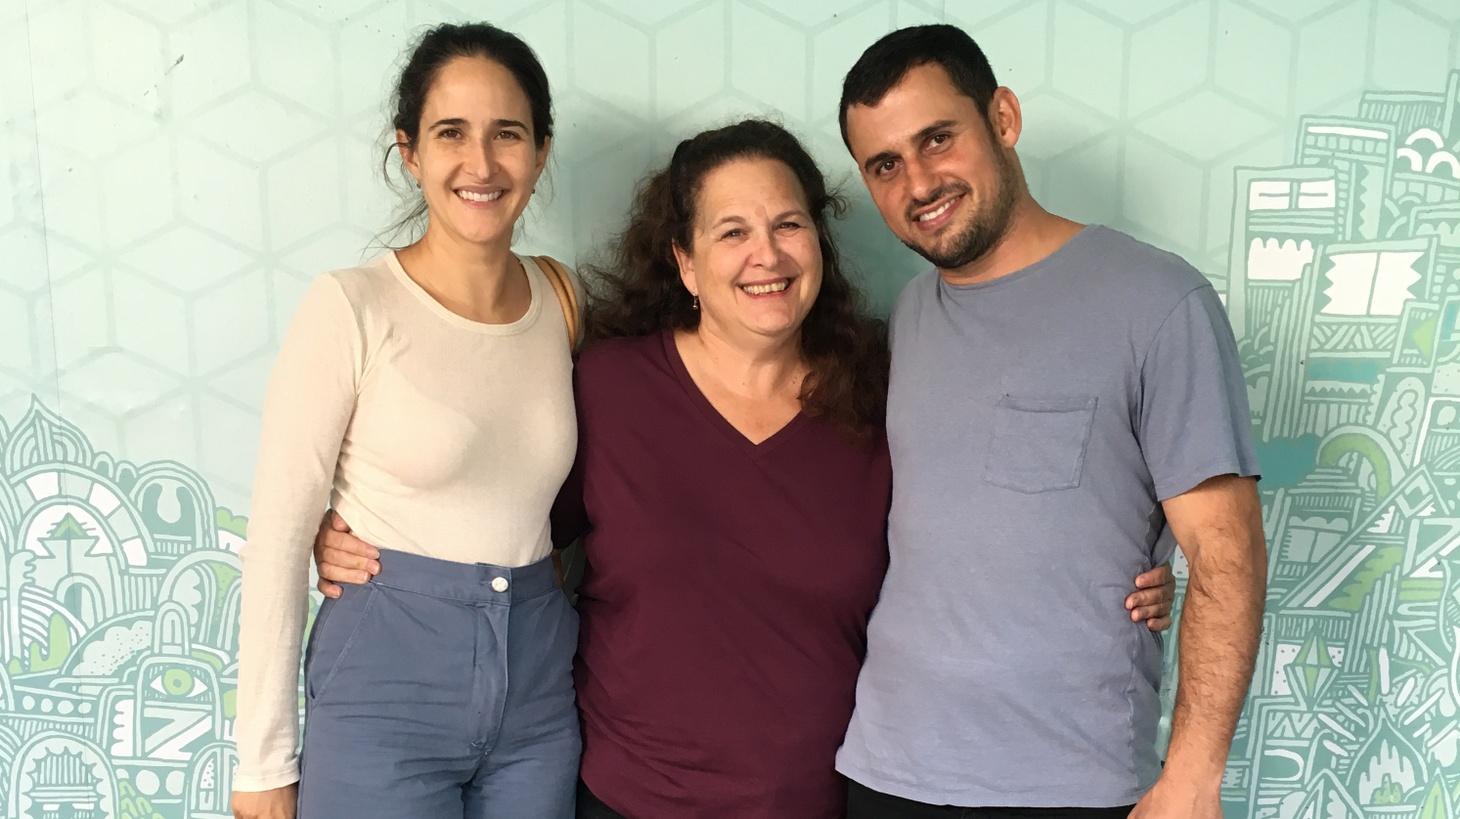 Genevieve Gergis (L), Evan Kleiman (C), and Ori Menashe (R) at KCRW.